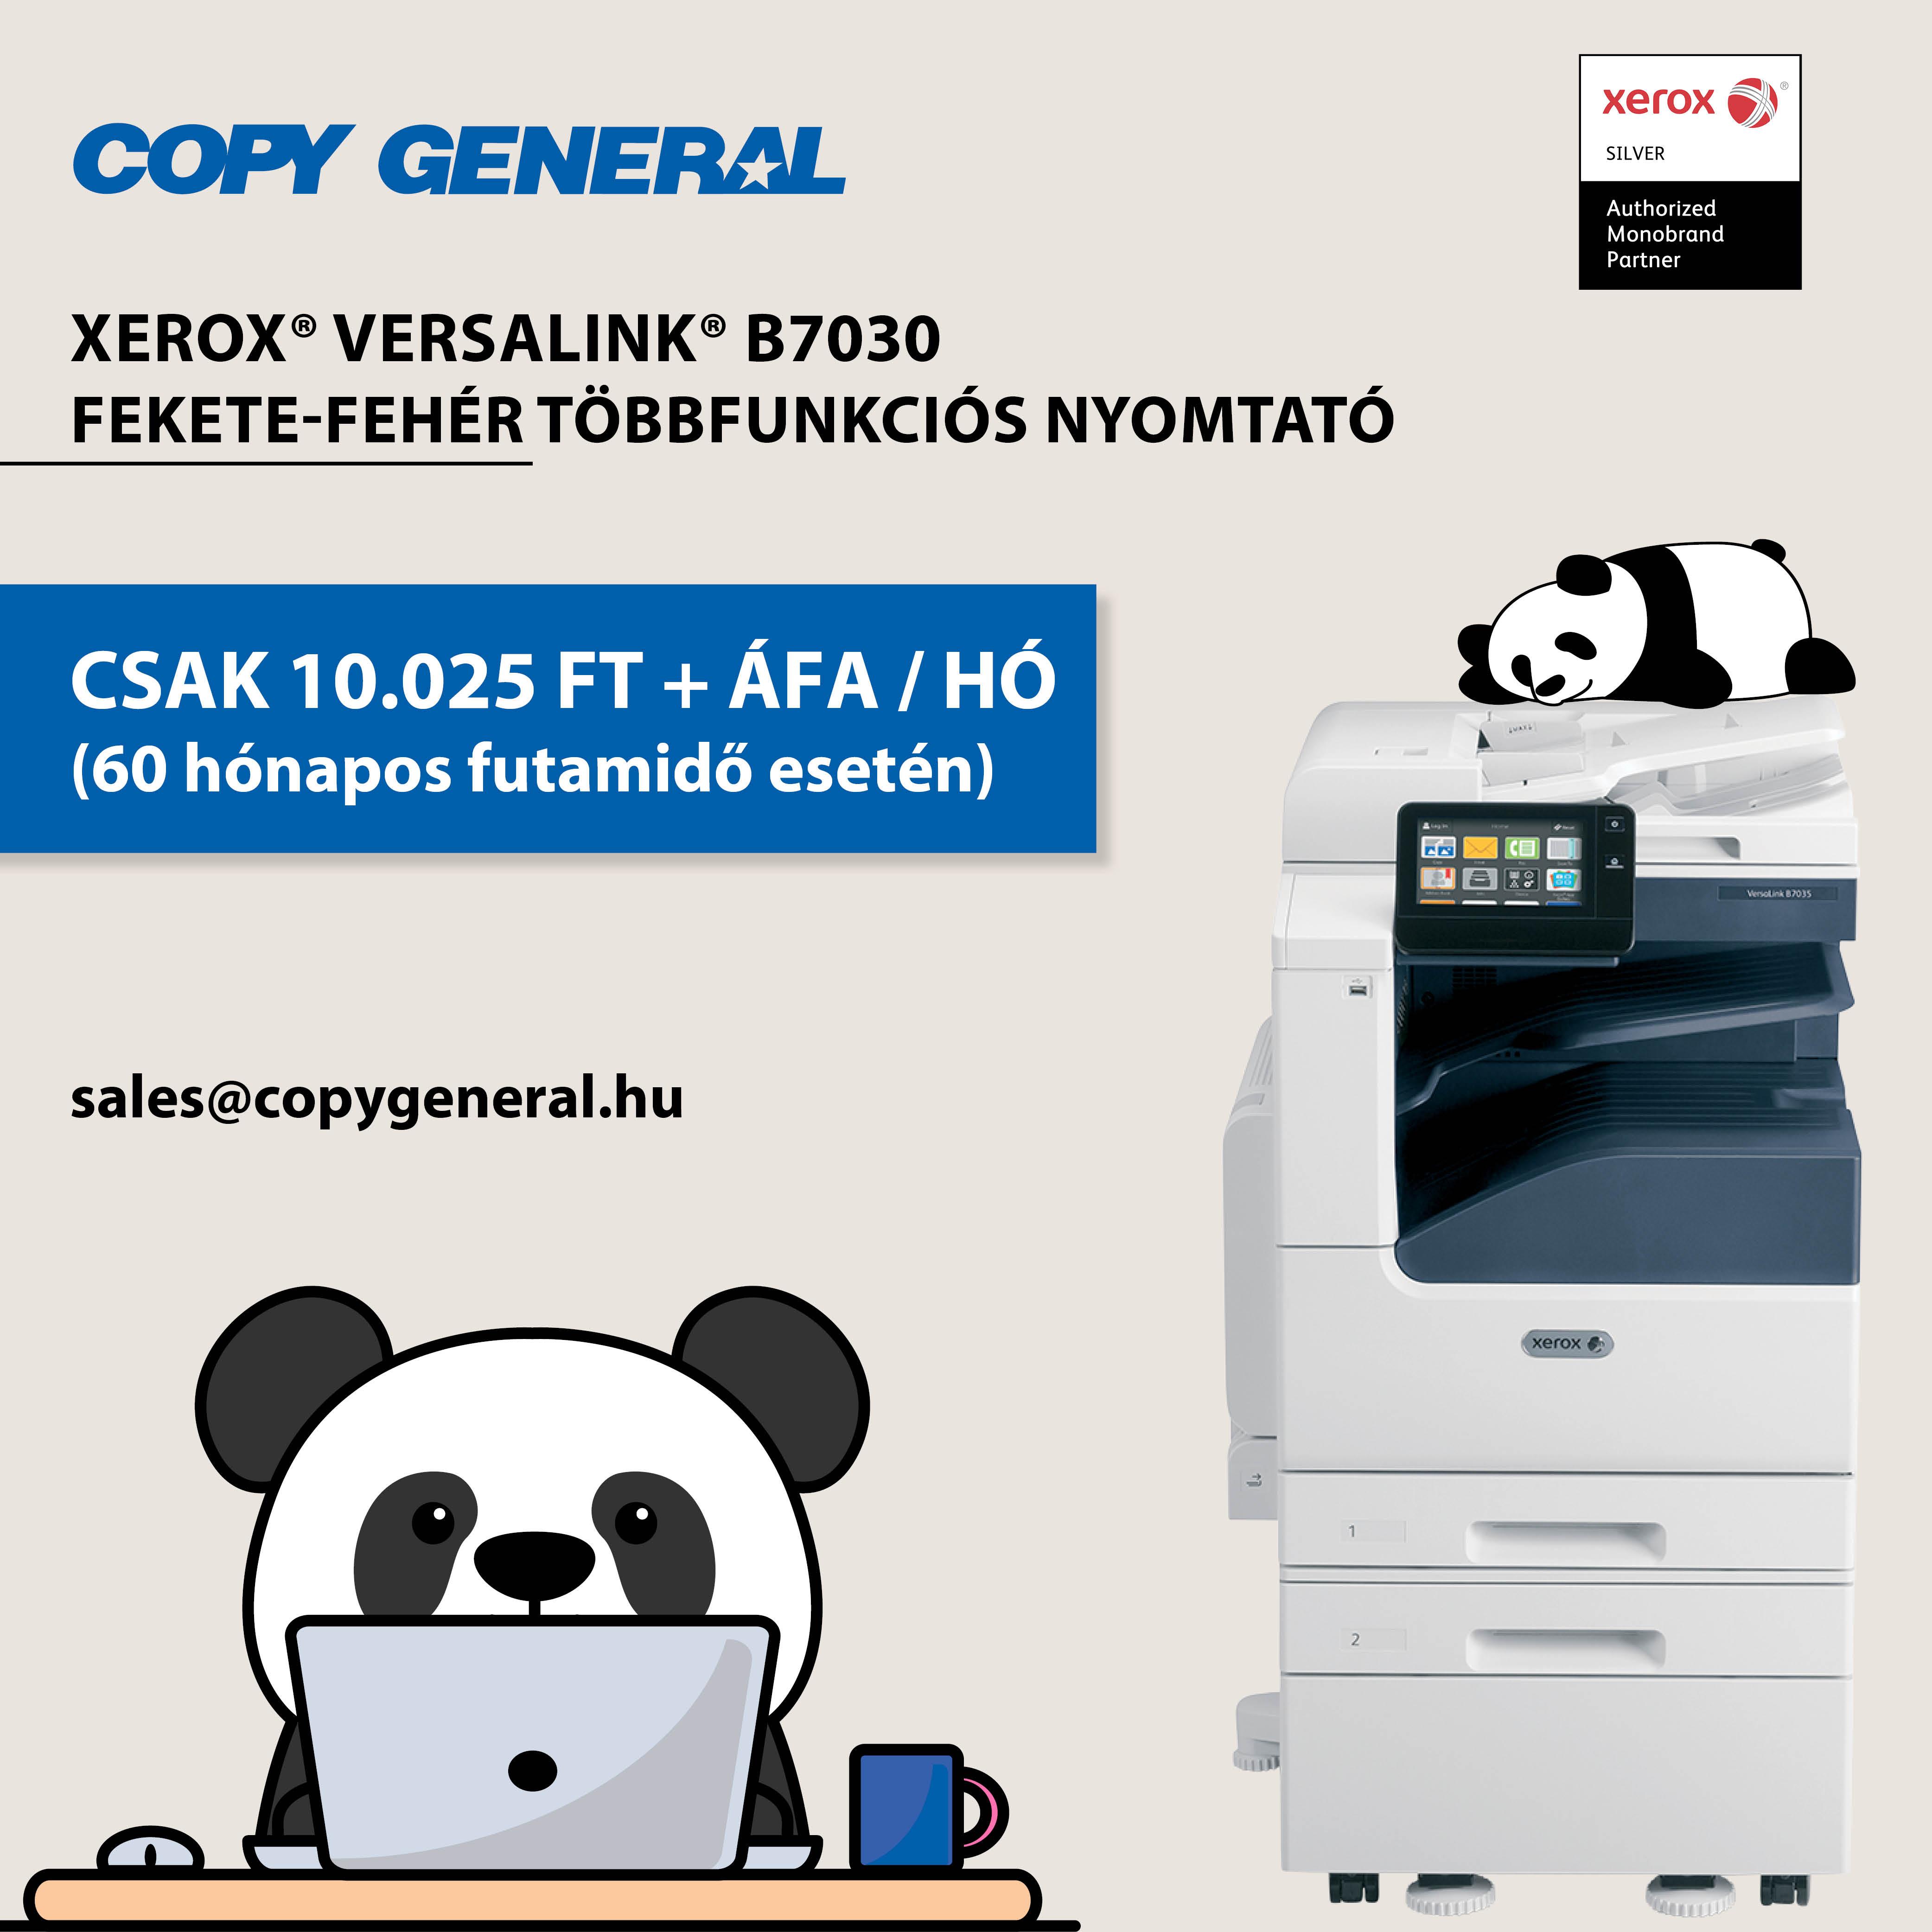 xerox-b7030